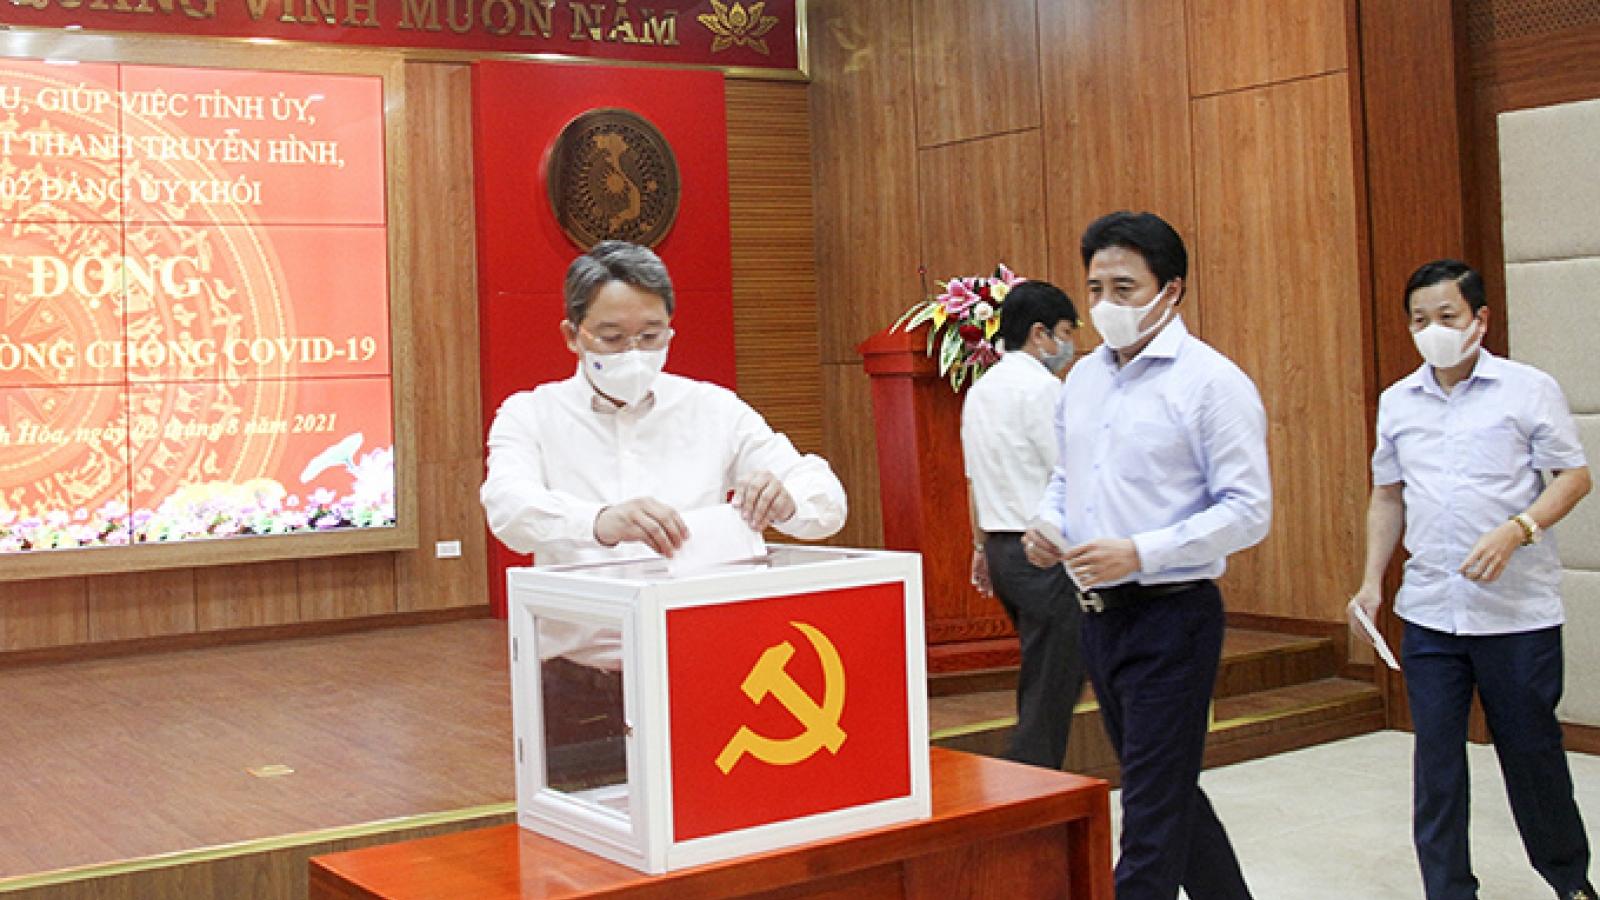 """Khánh Hòa phát động """"người có thu nhập hỗ trợ người không có thu nhập"""""""